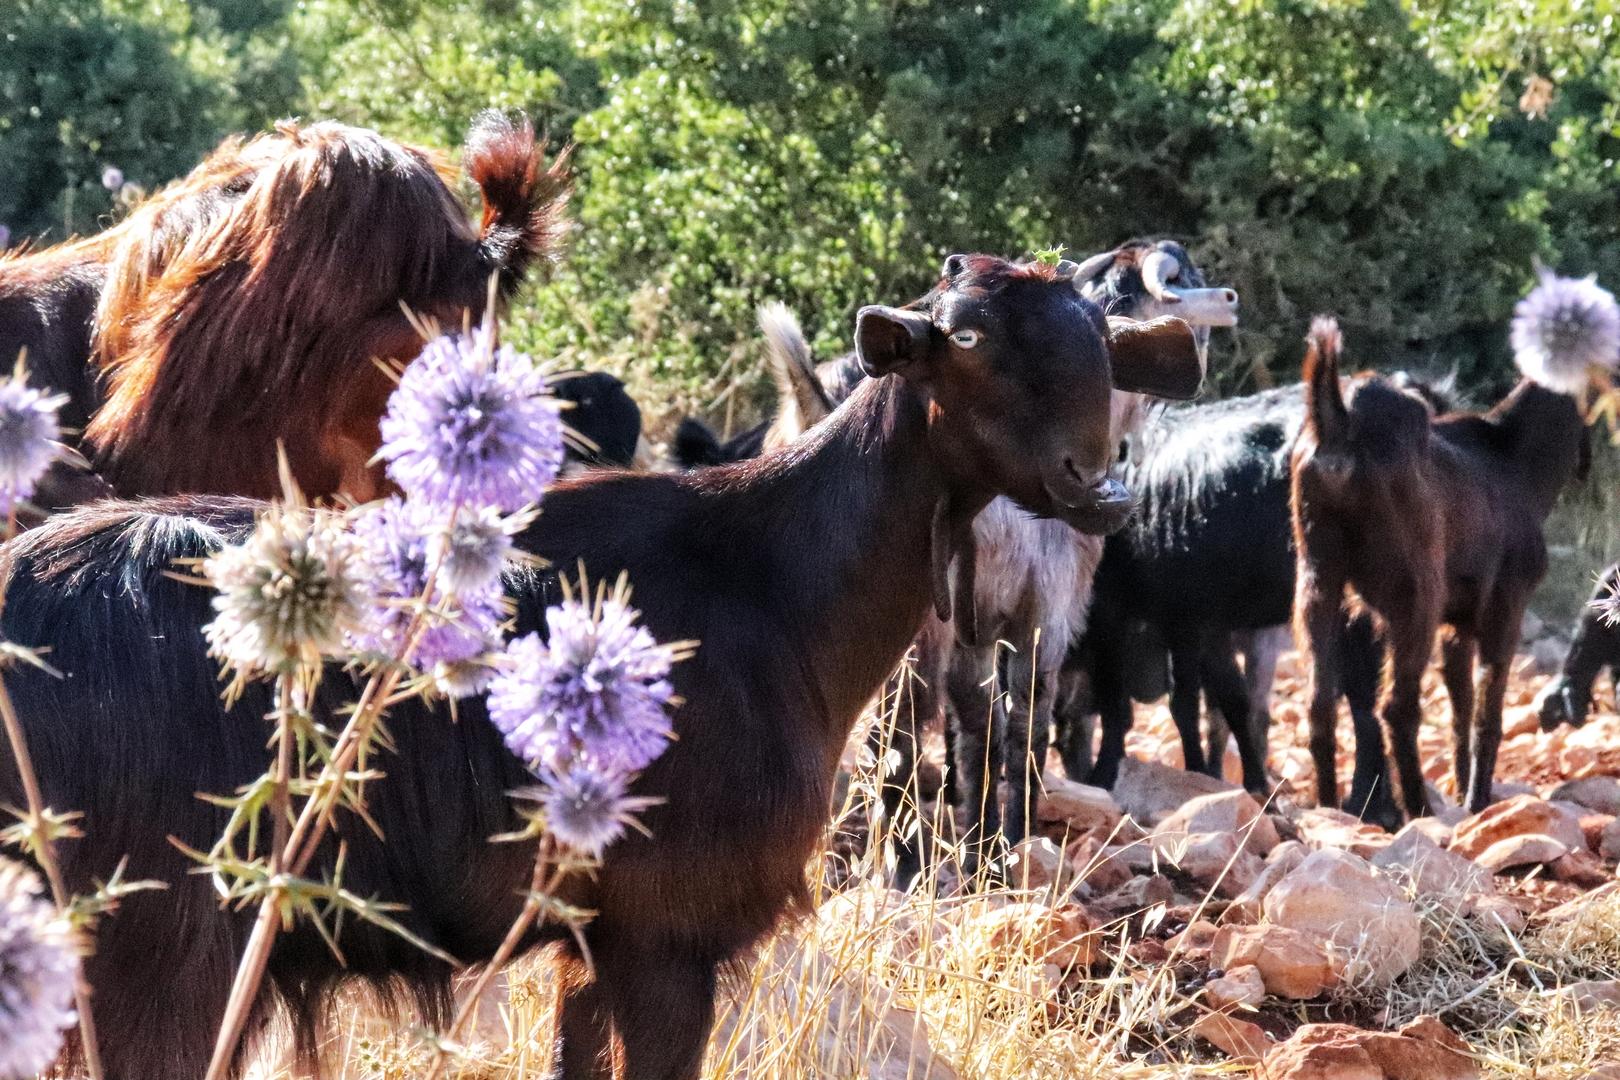 Jordanie - Chèvres dans la réserve d'Ajlun